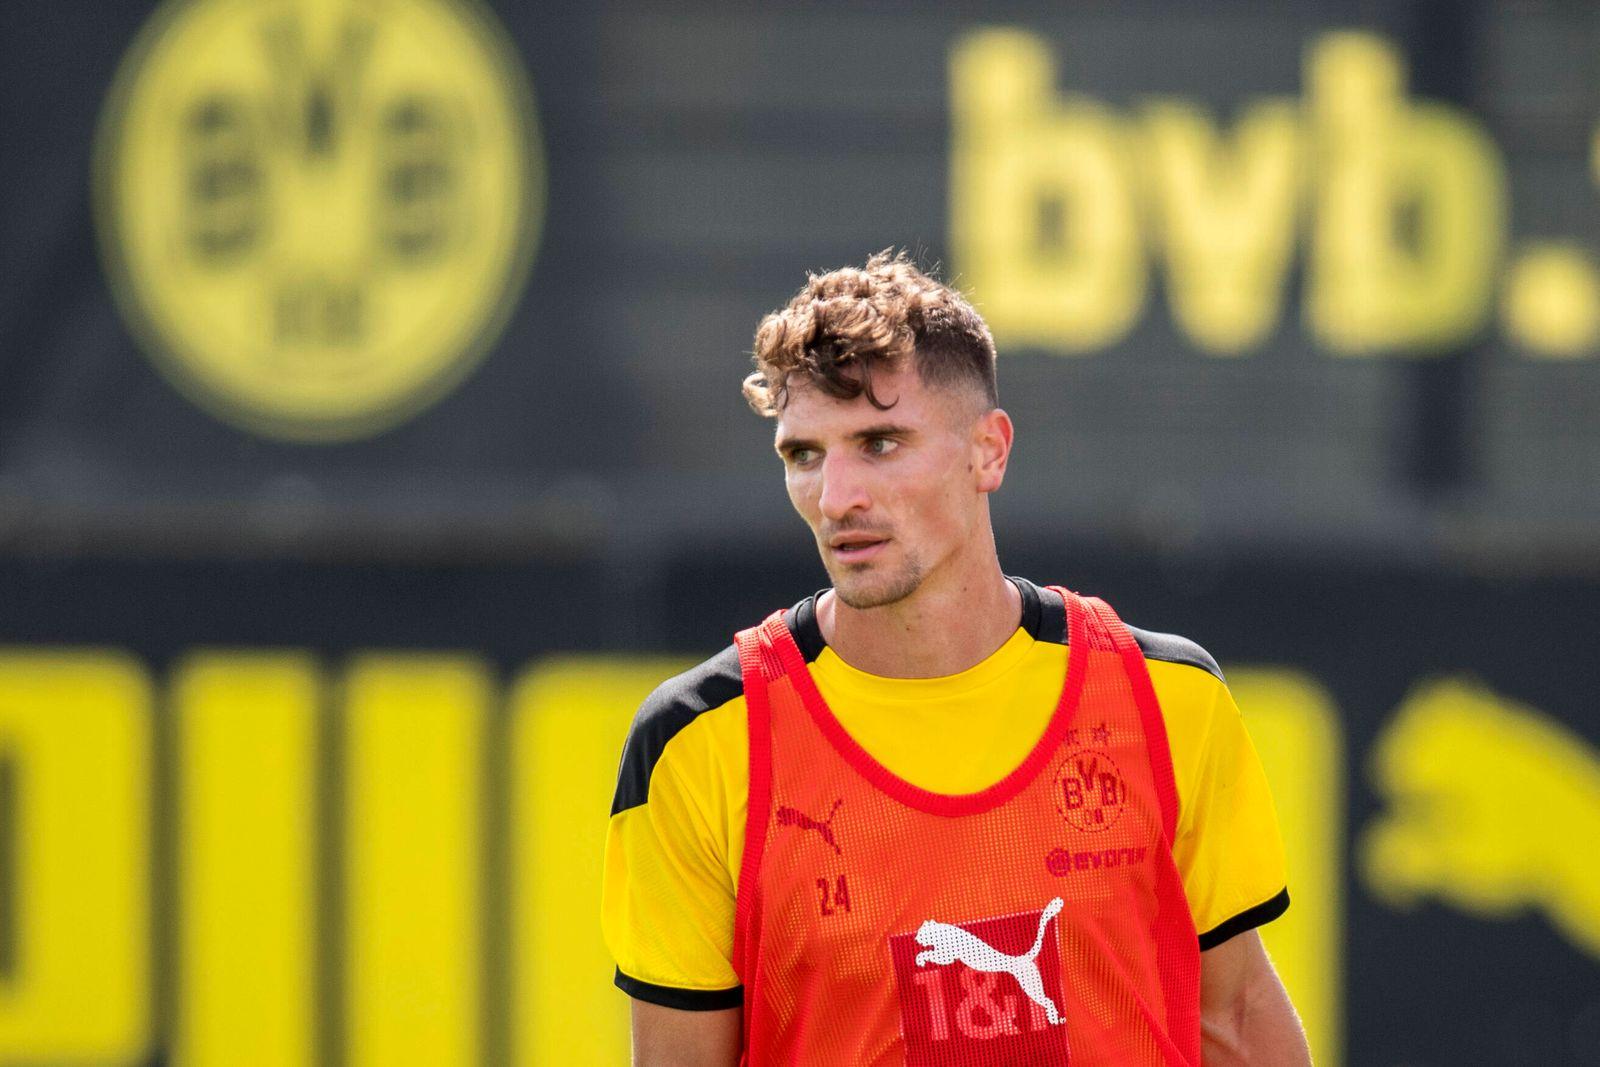 Fußball: 1. Bundesliga, Saison 2020/2021, Training von Borussia Dortmund am 03.08.2020 in Dortmund (Nordrhein-Westfalen